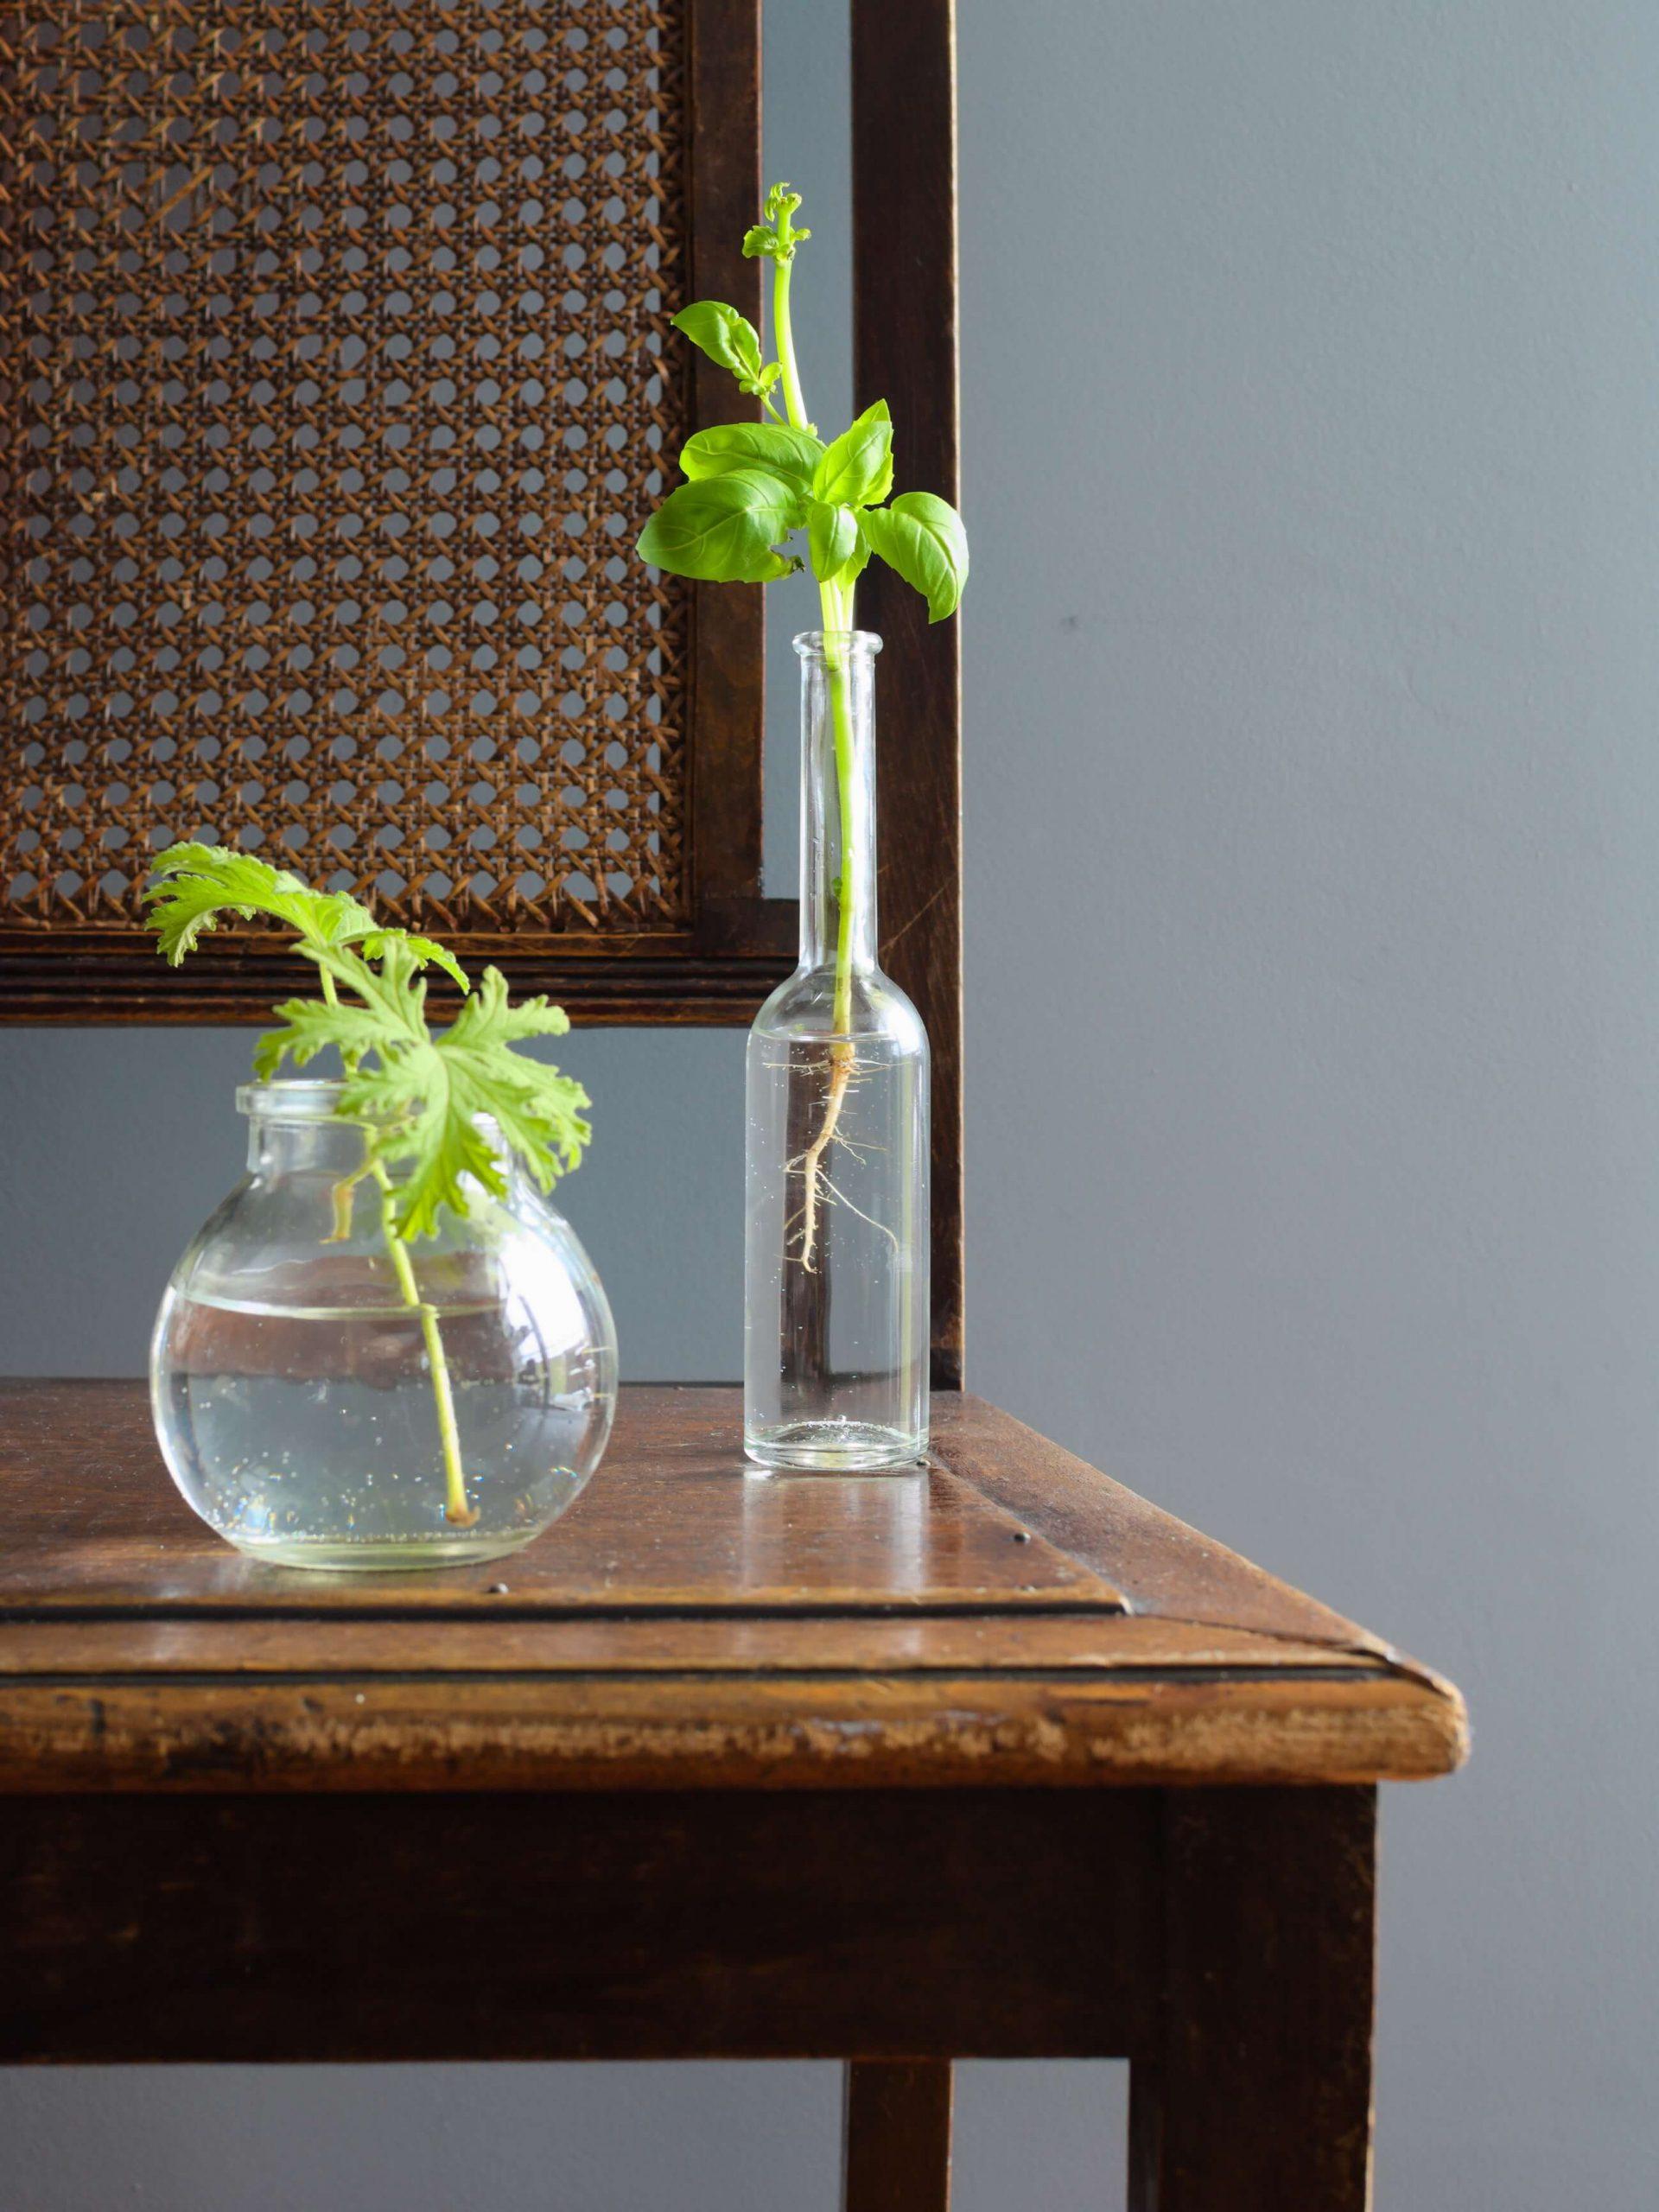 Jak oszczędzać wodę w domu? 4 proste sposoby!